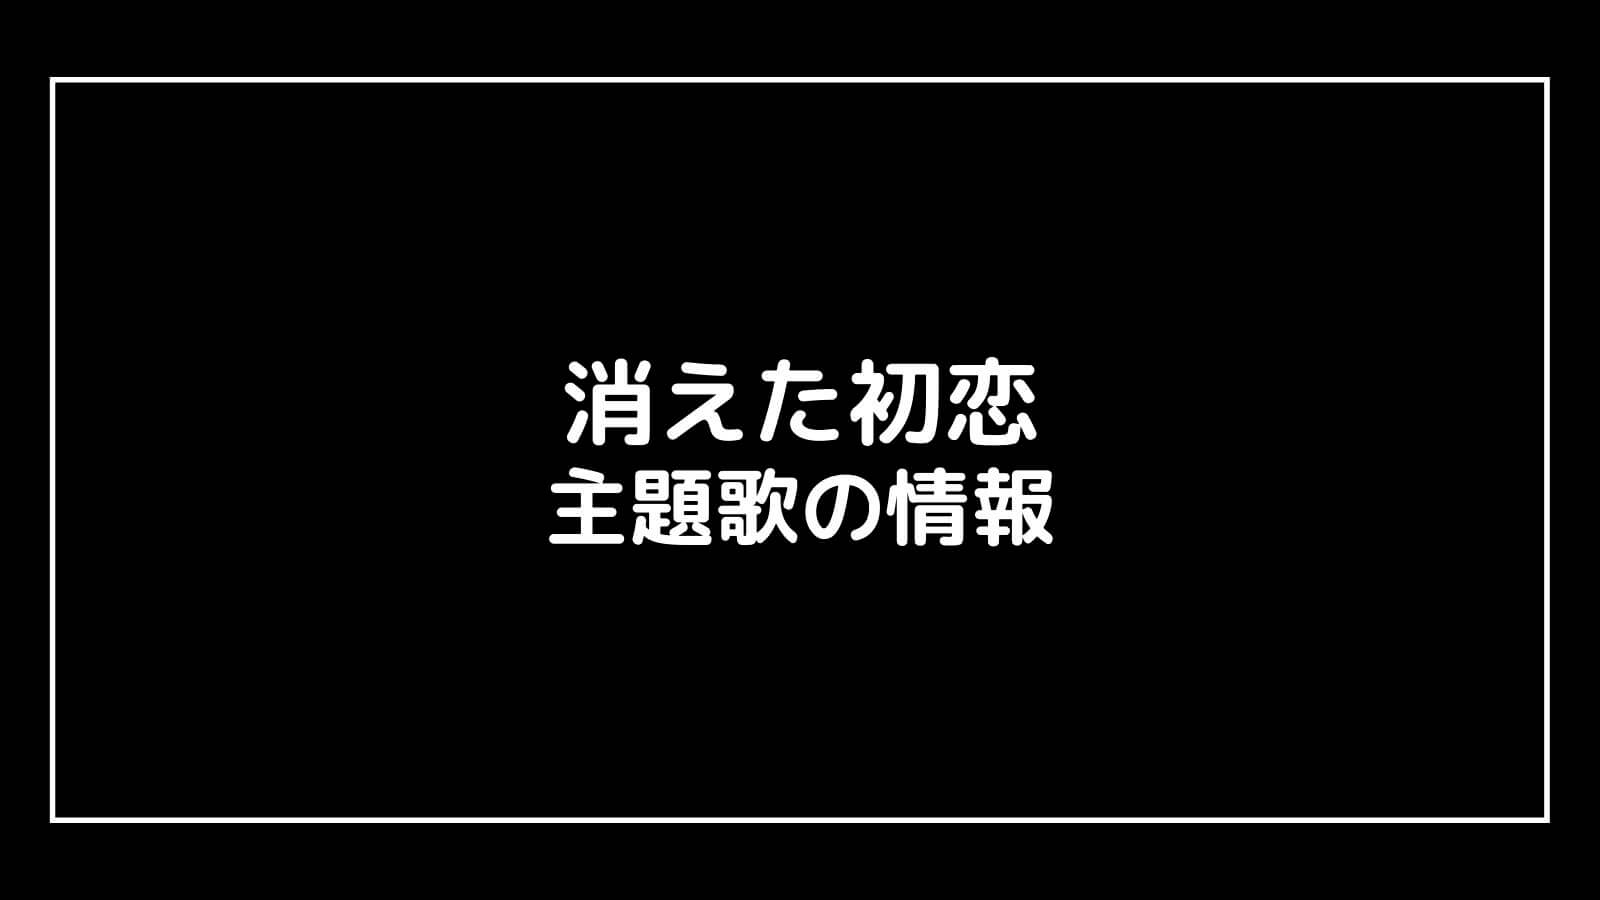 消えた初恋のW主題歌【Snow Man/なにわ男子】のCD発売日はいつ?